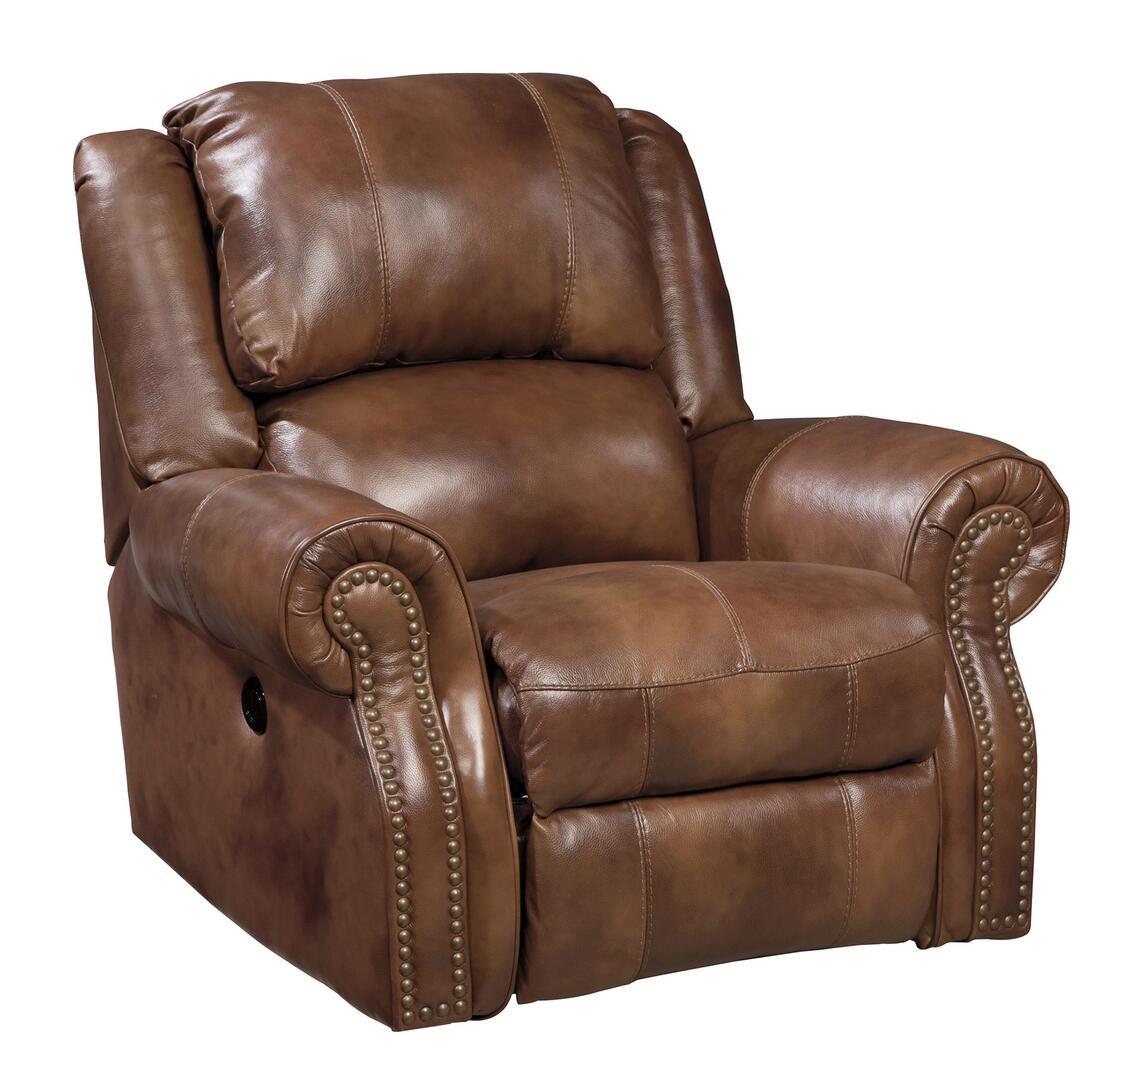 Ashleys Furniture Com: Signature Design By Ashley U7800198 Walworth Series